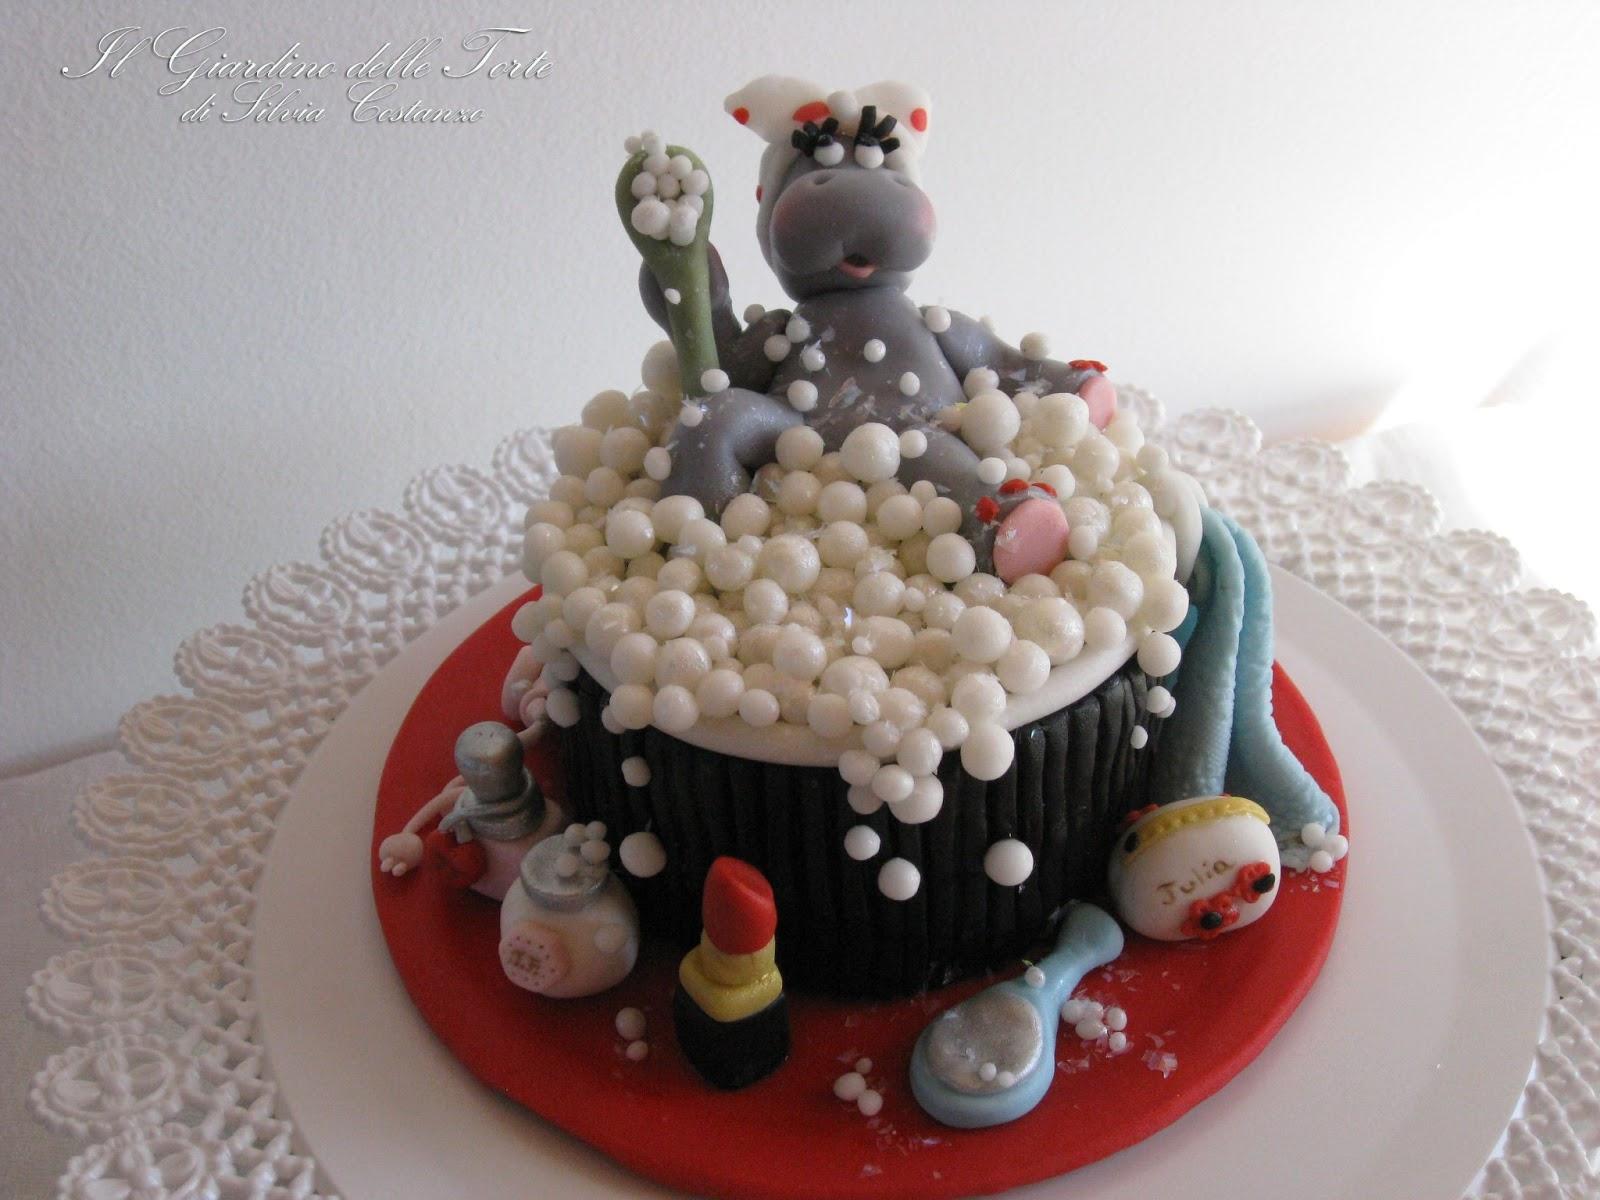 Il giardino delle torte bellezza al bagno una minicake per i 21 anni di julia - Bagno per torte senza liquore ...